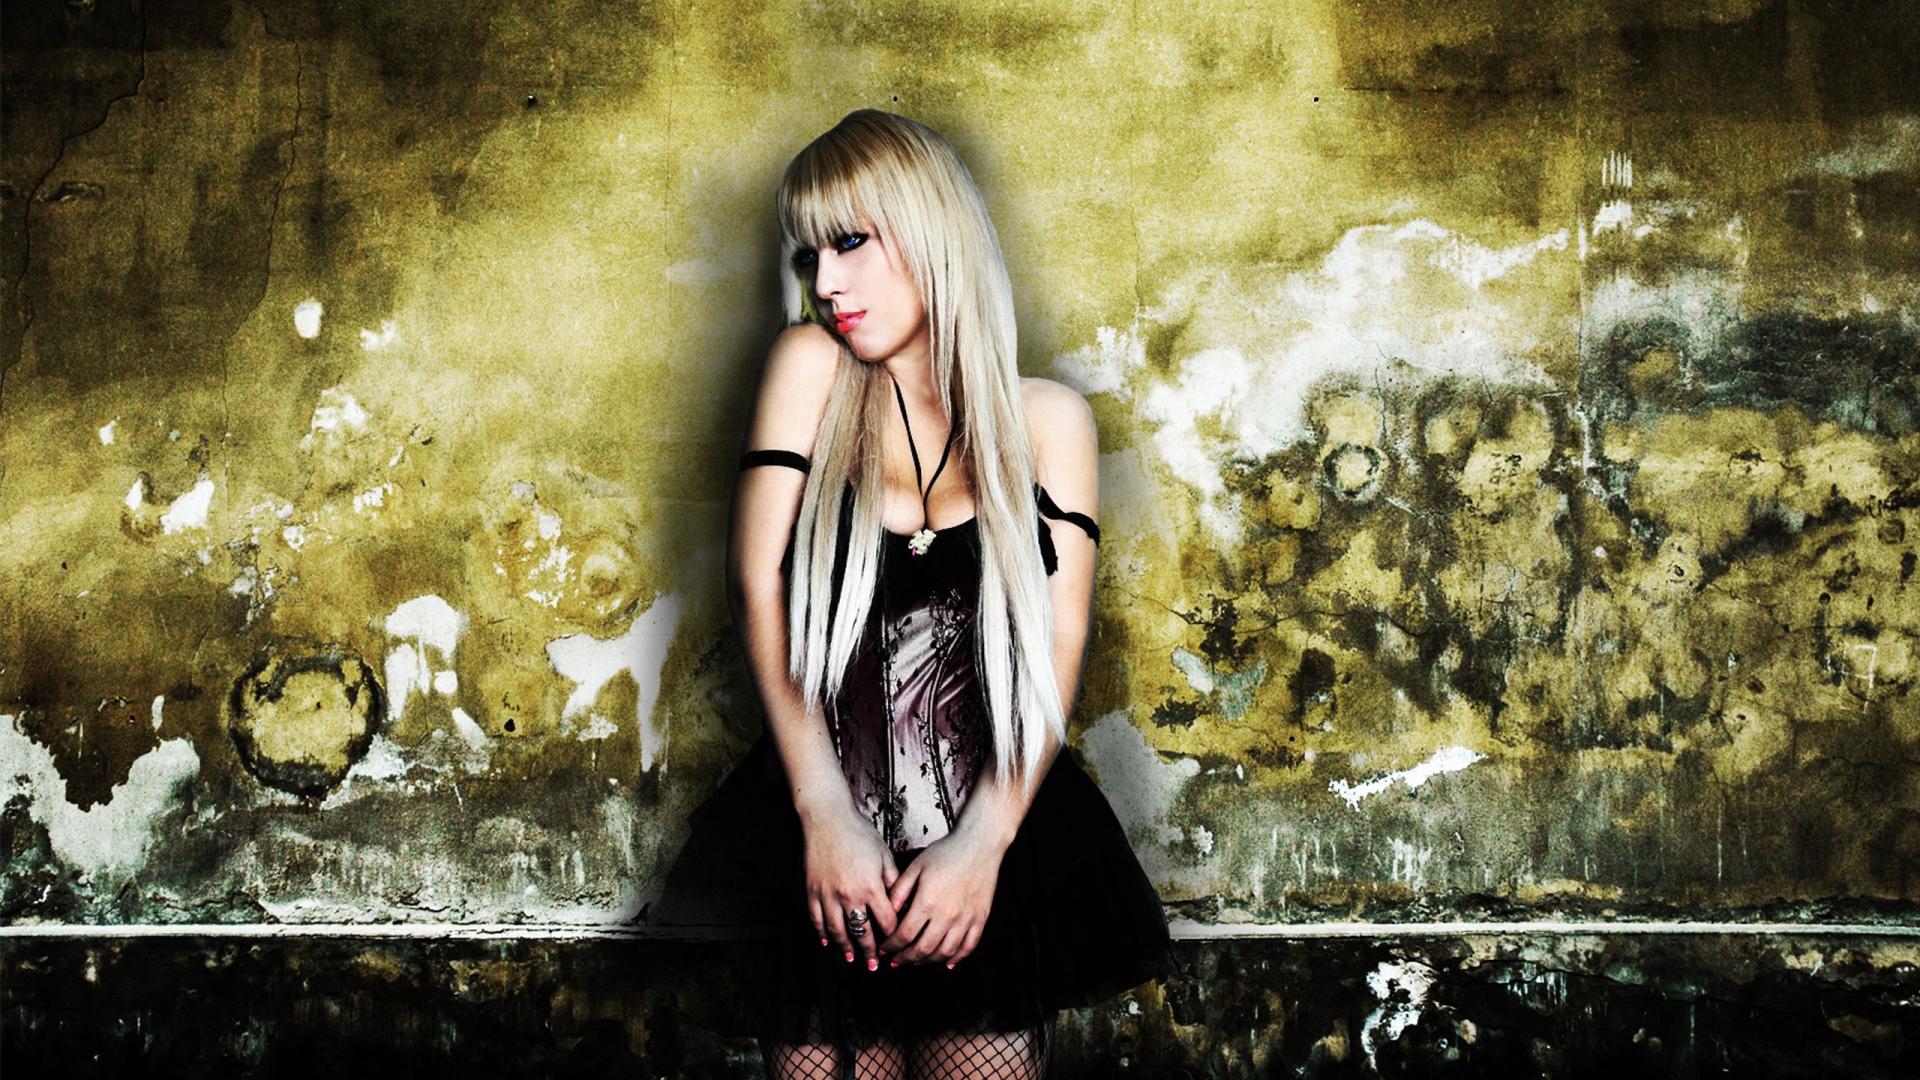 Эмо девушки блондинки одна самая красивая 19 фотография